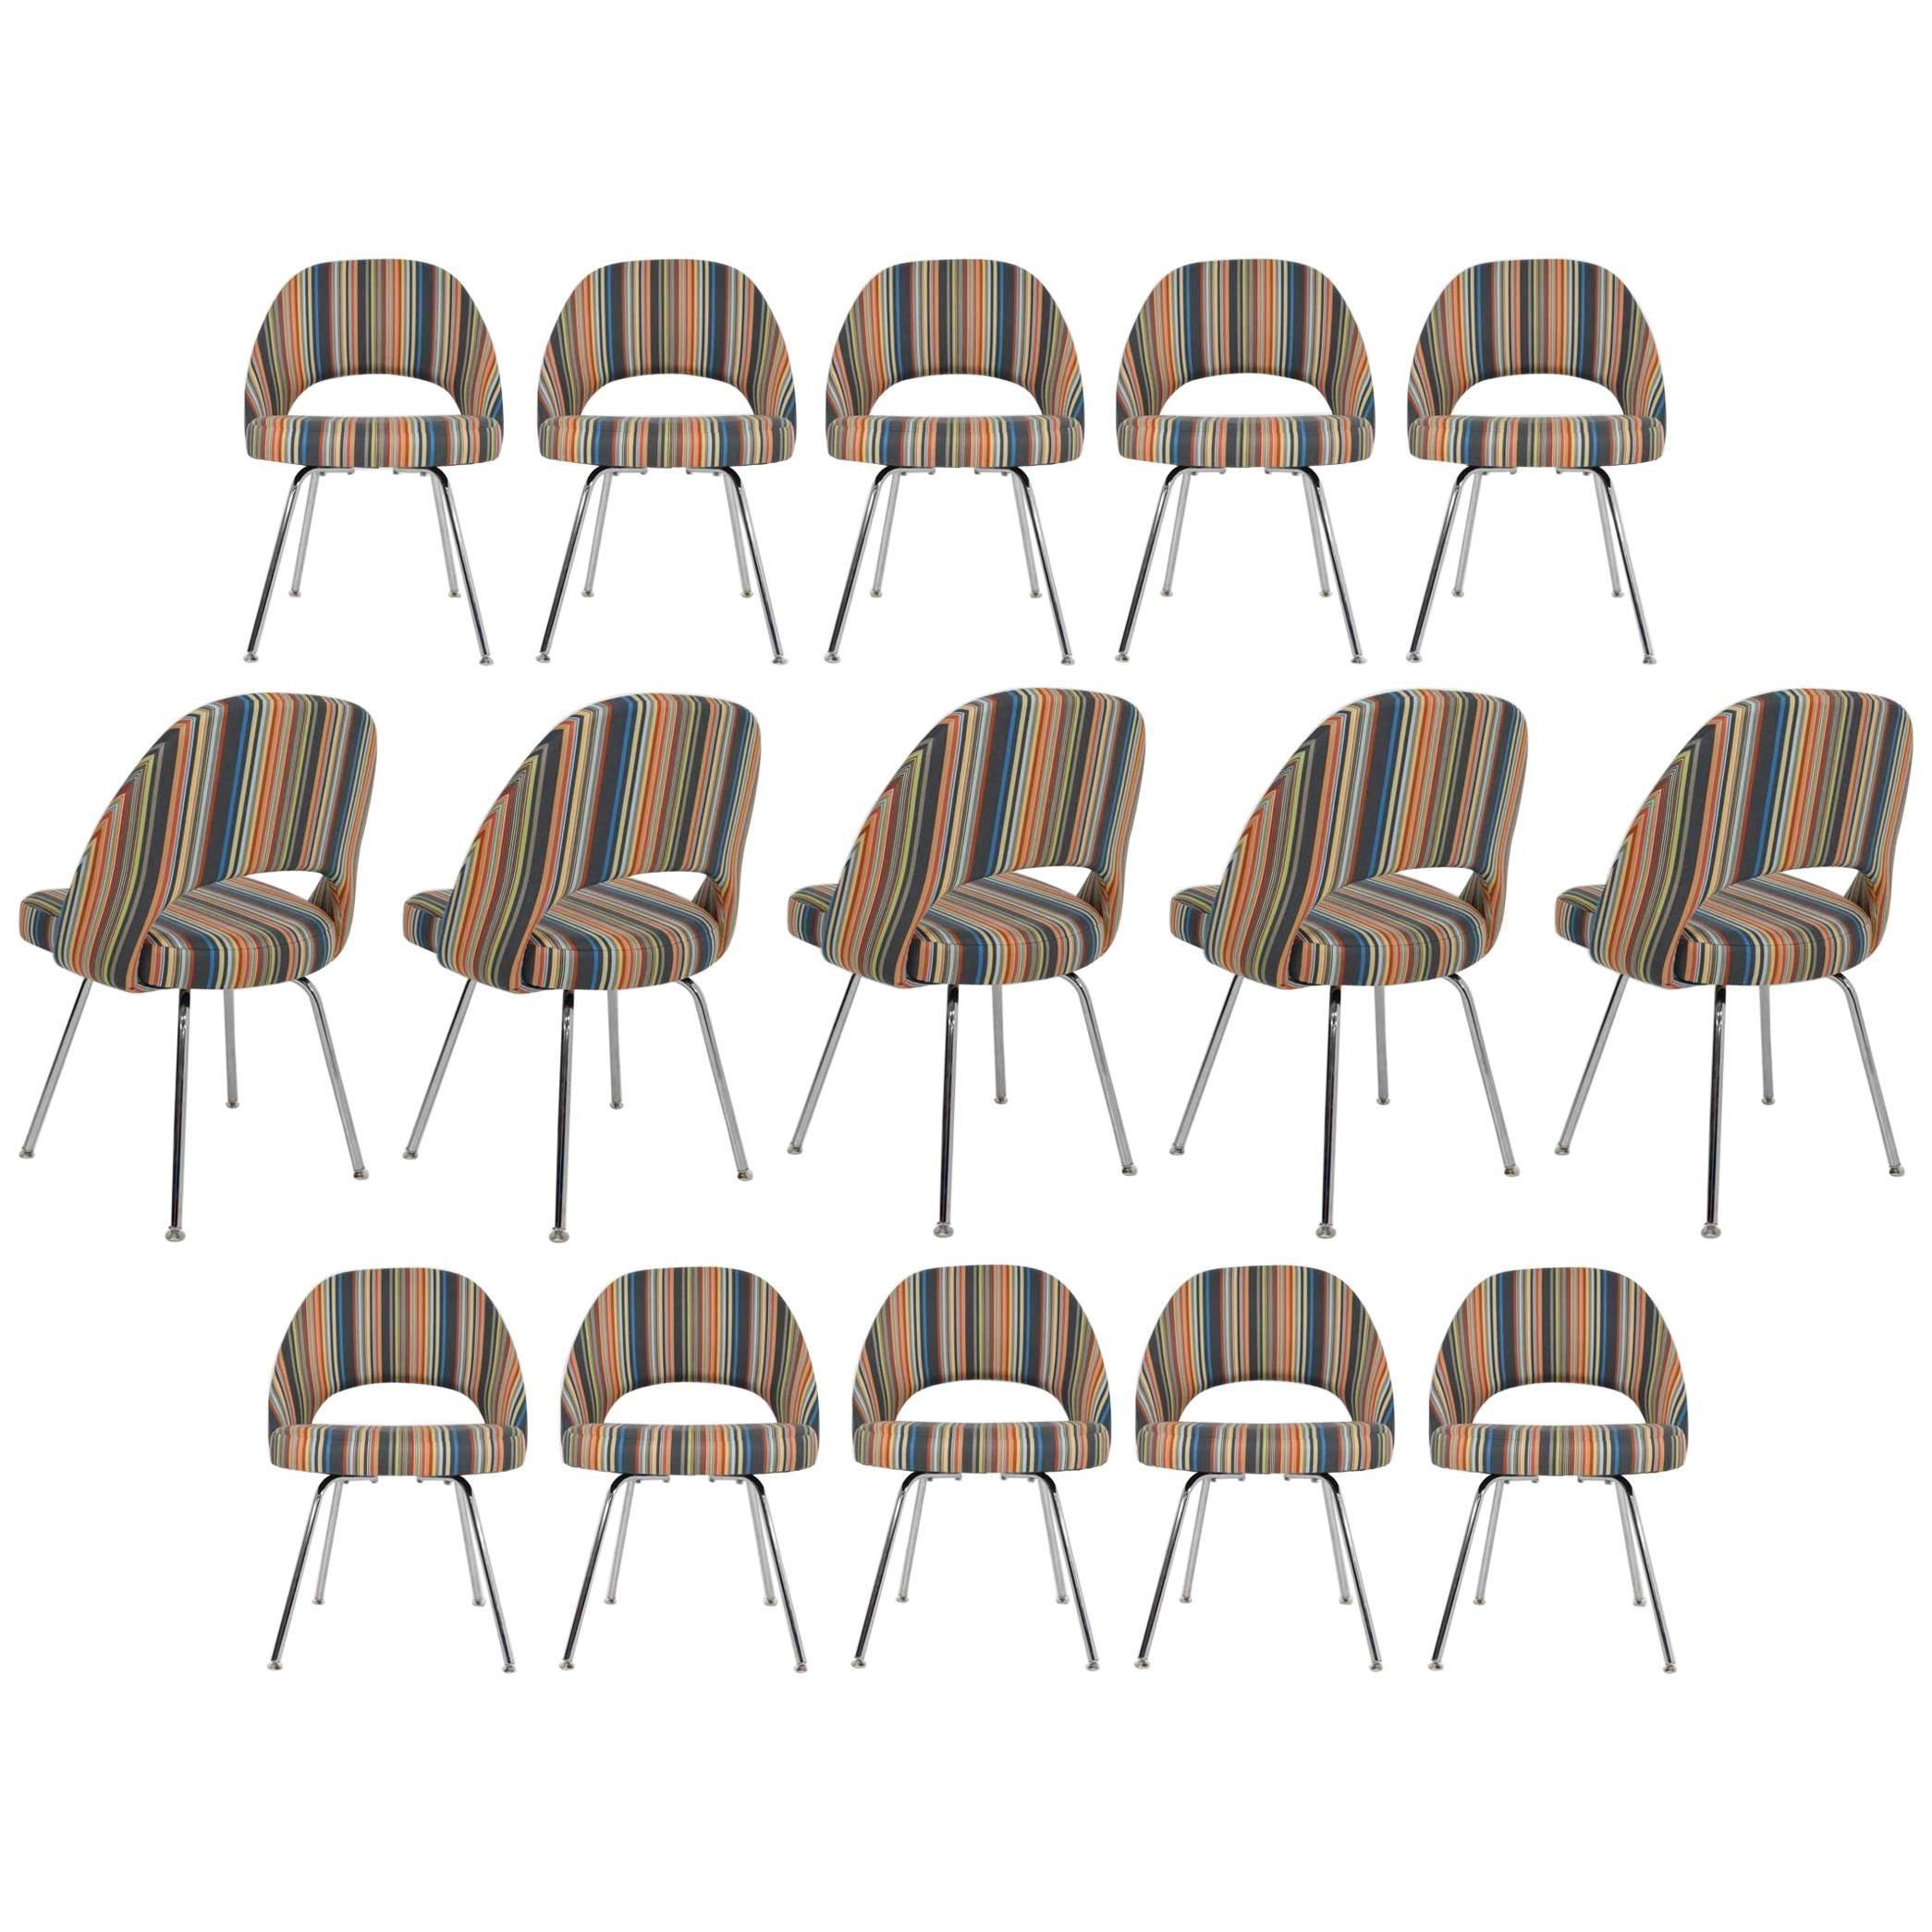 Eero Saarinen for Knoll Executive Chairs